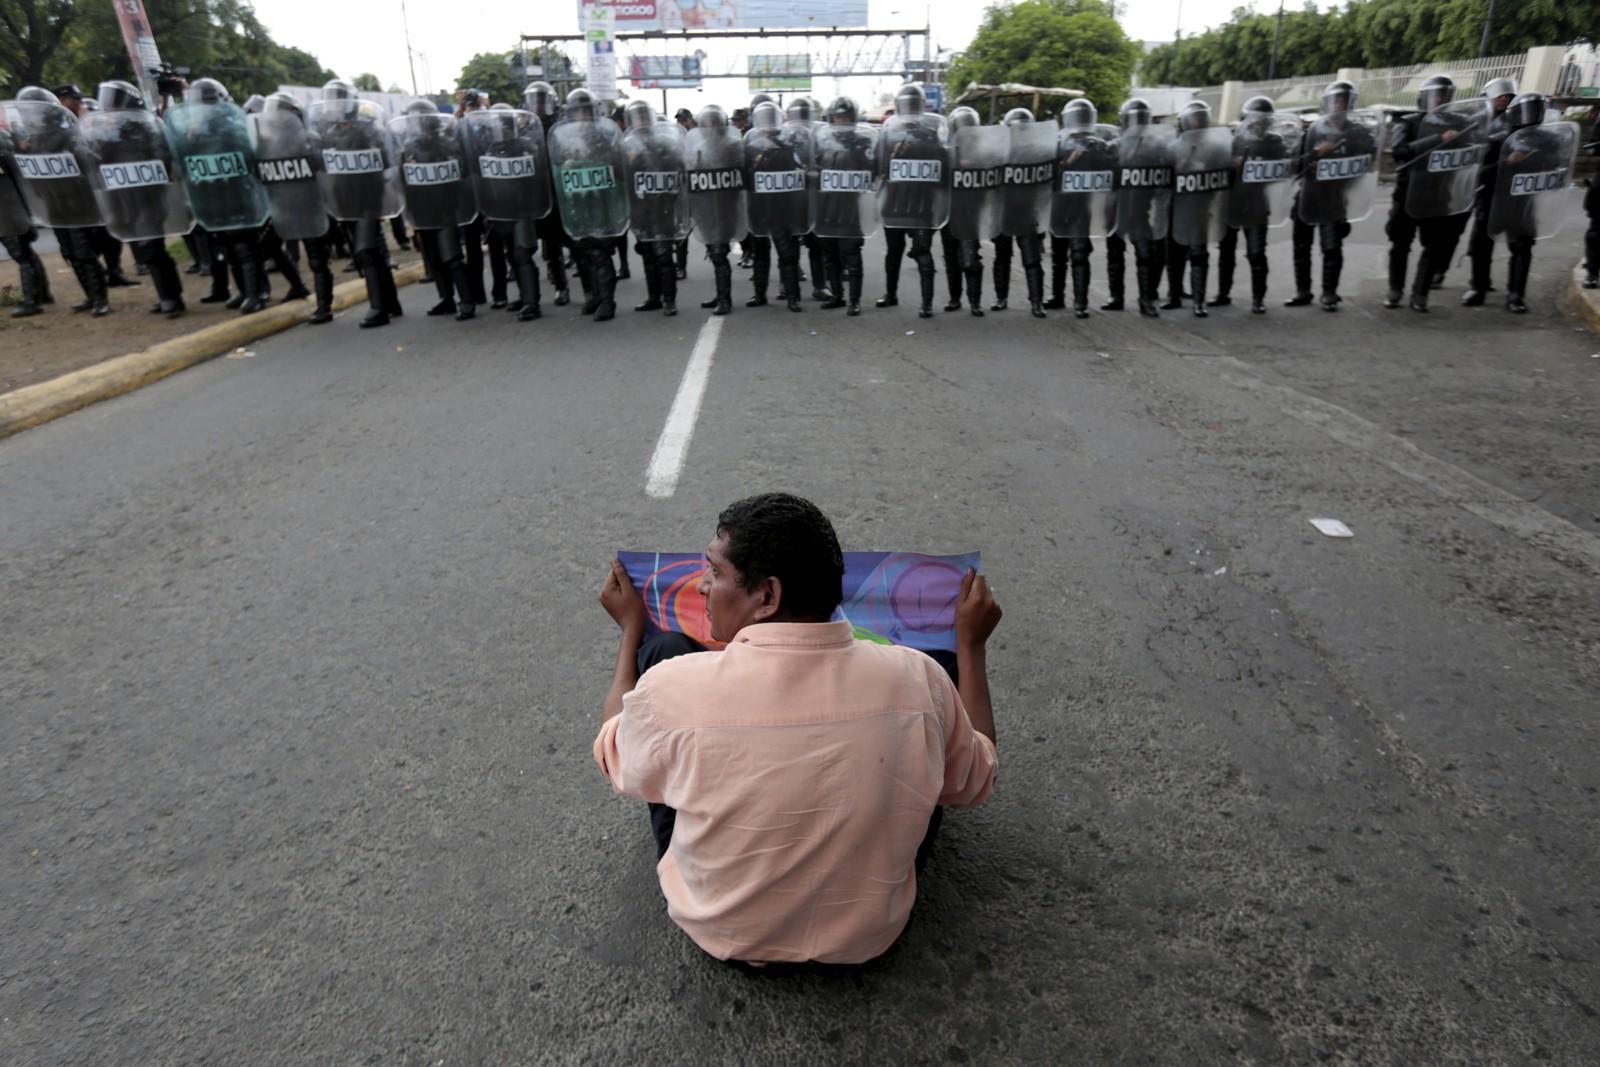 Neste år er det valg i Nicaragua, og denne uka ble det arrangert demonstrasjoner i hovedstaden Managua. Mer rettferdige valg var hovedparolen.